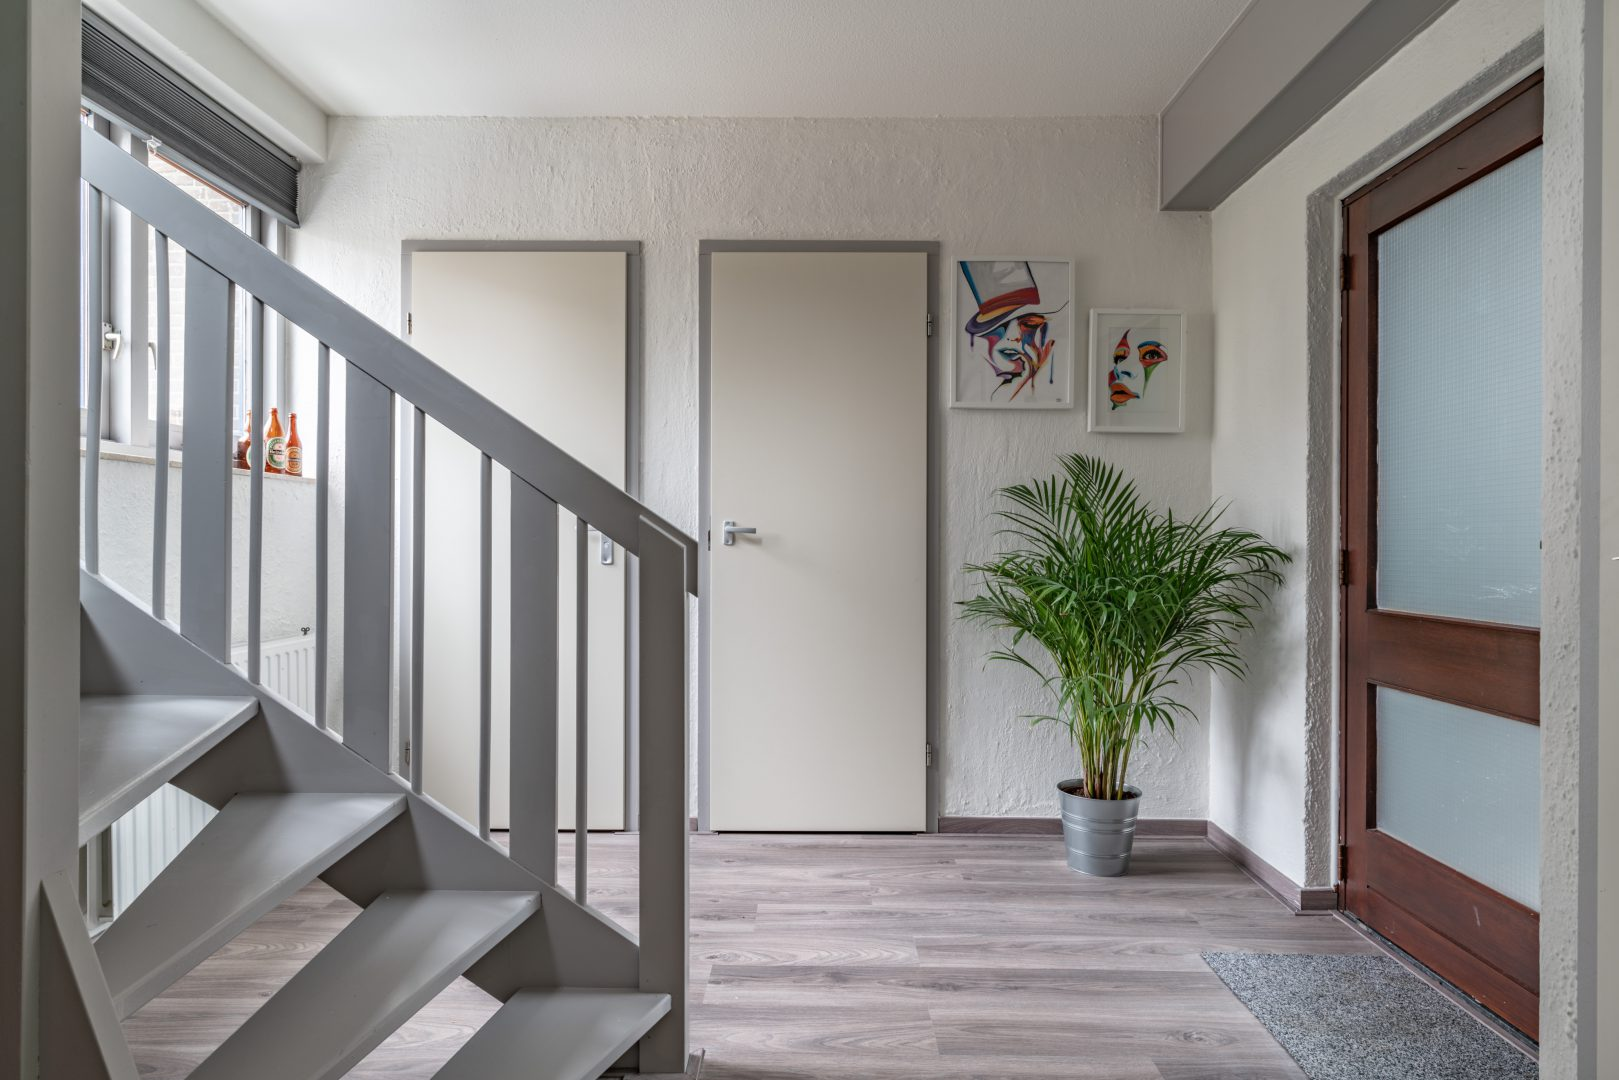 Weteringdreef 135, Zoetermeer, vastgoedfotograaf